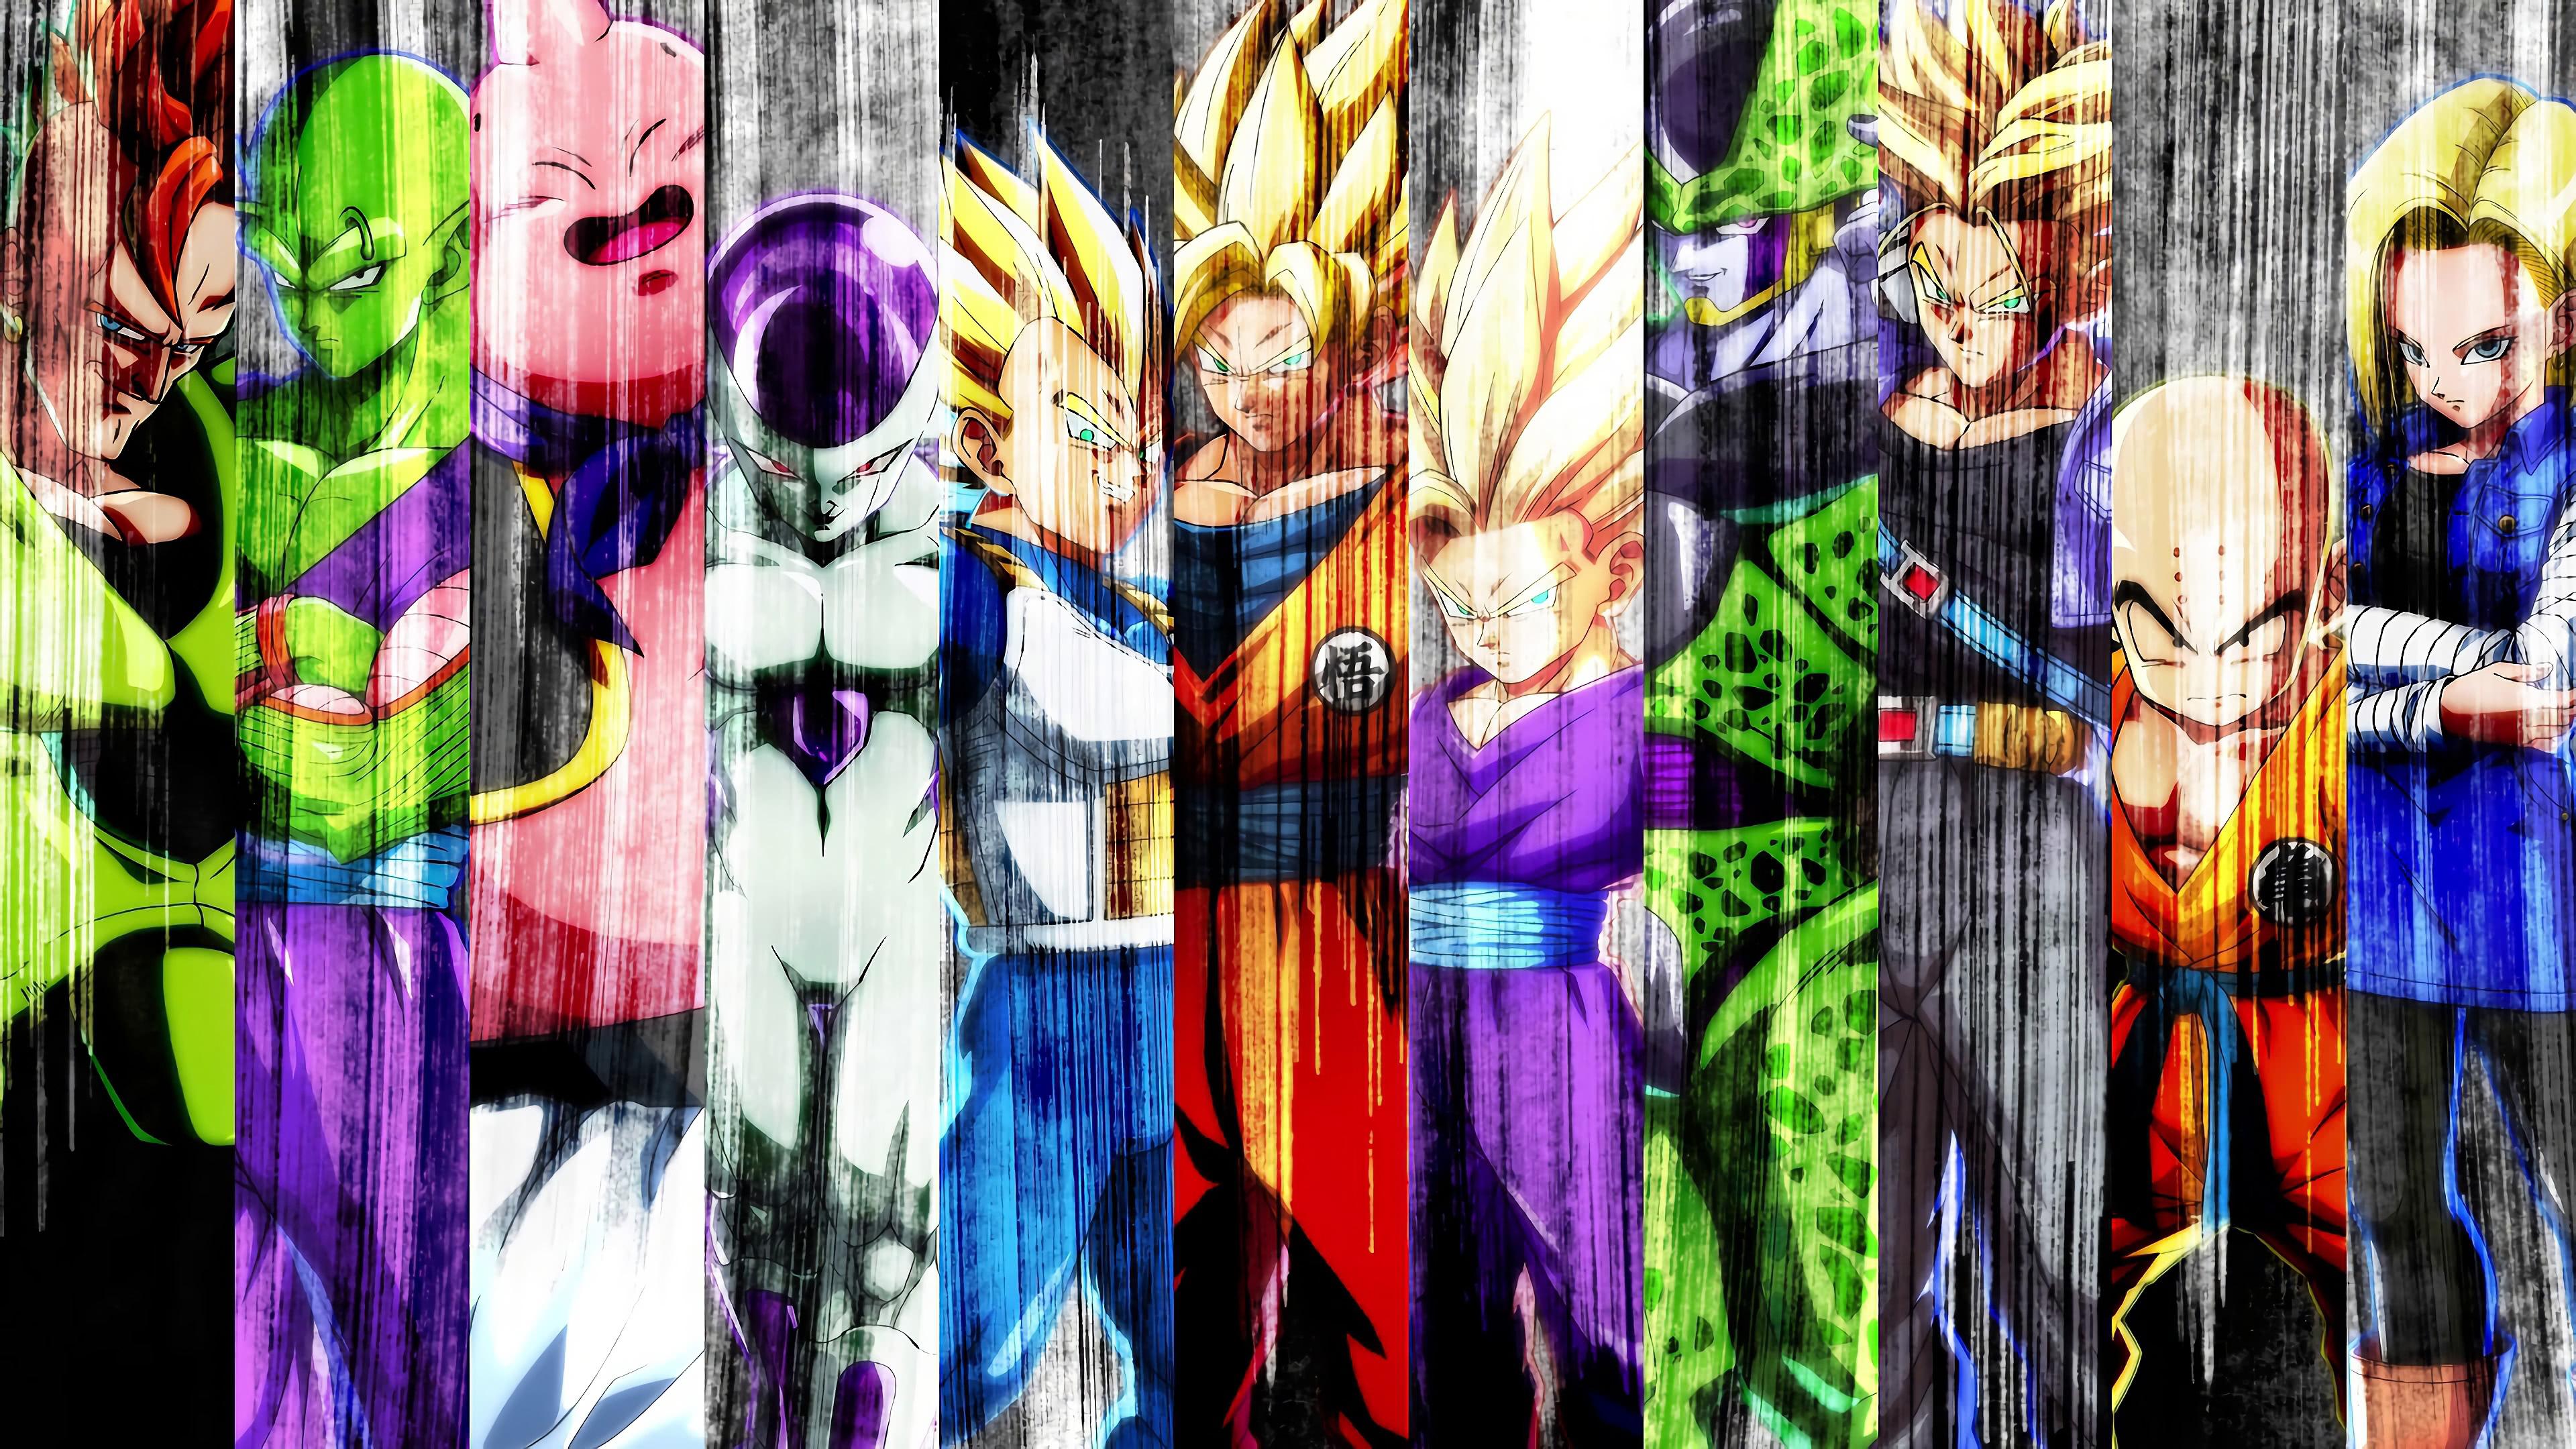 Hình nền Dragon Ball rất đẹp nhiều nhân vật